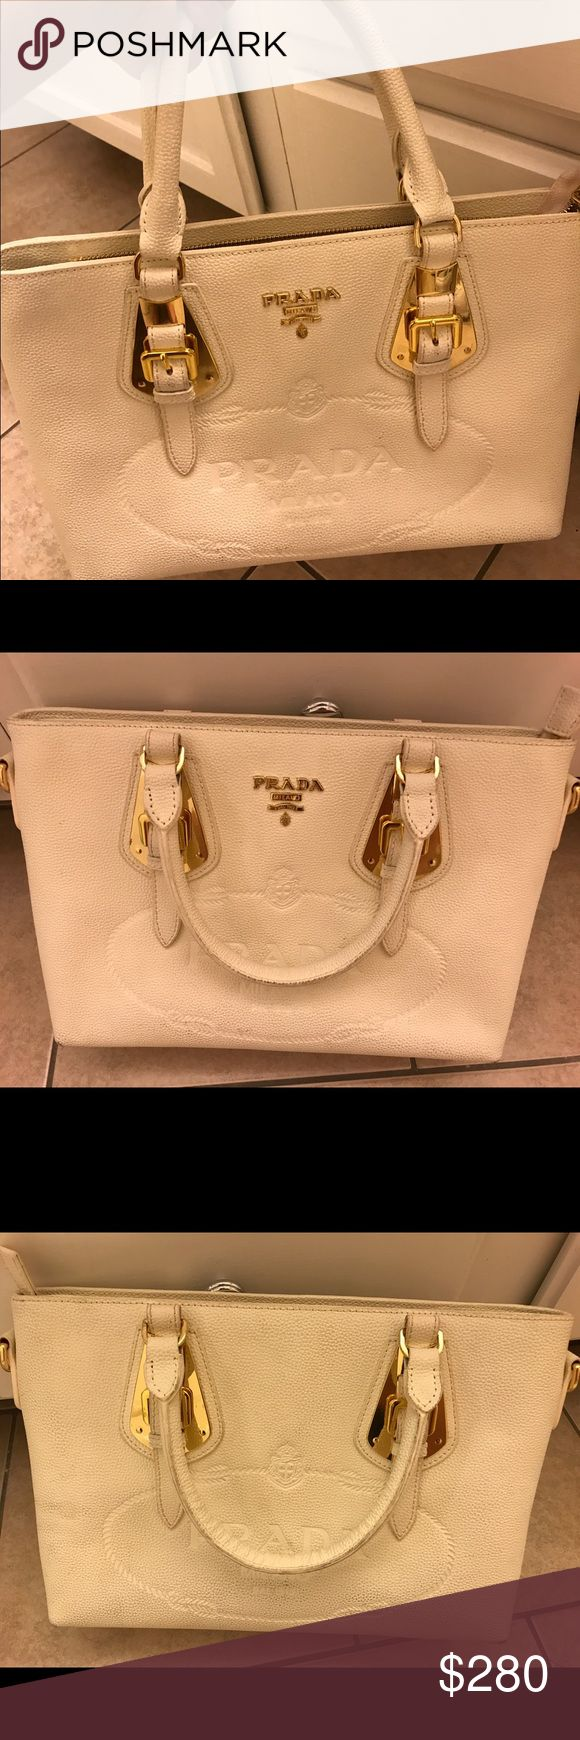 Prada tote bag Perfect condition Prada Bags Totes